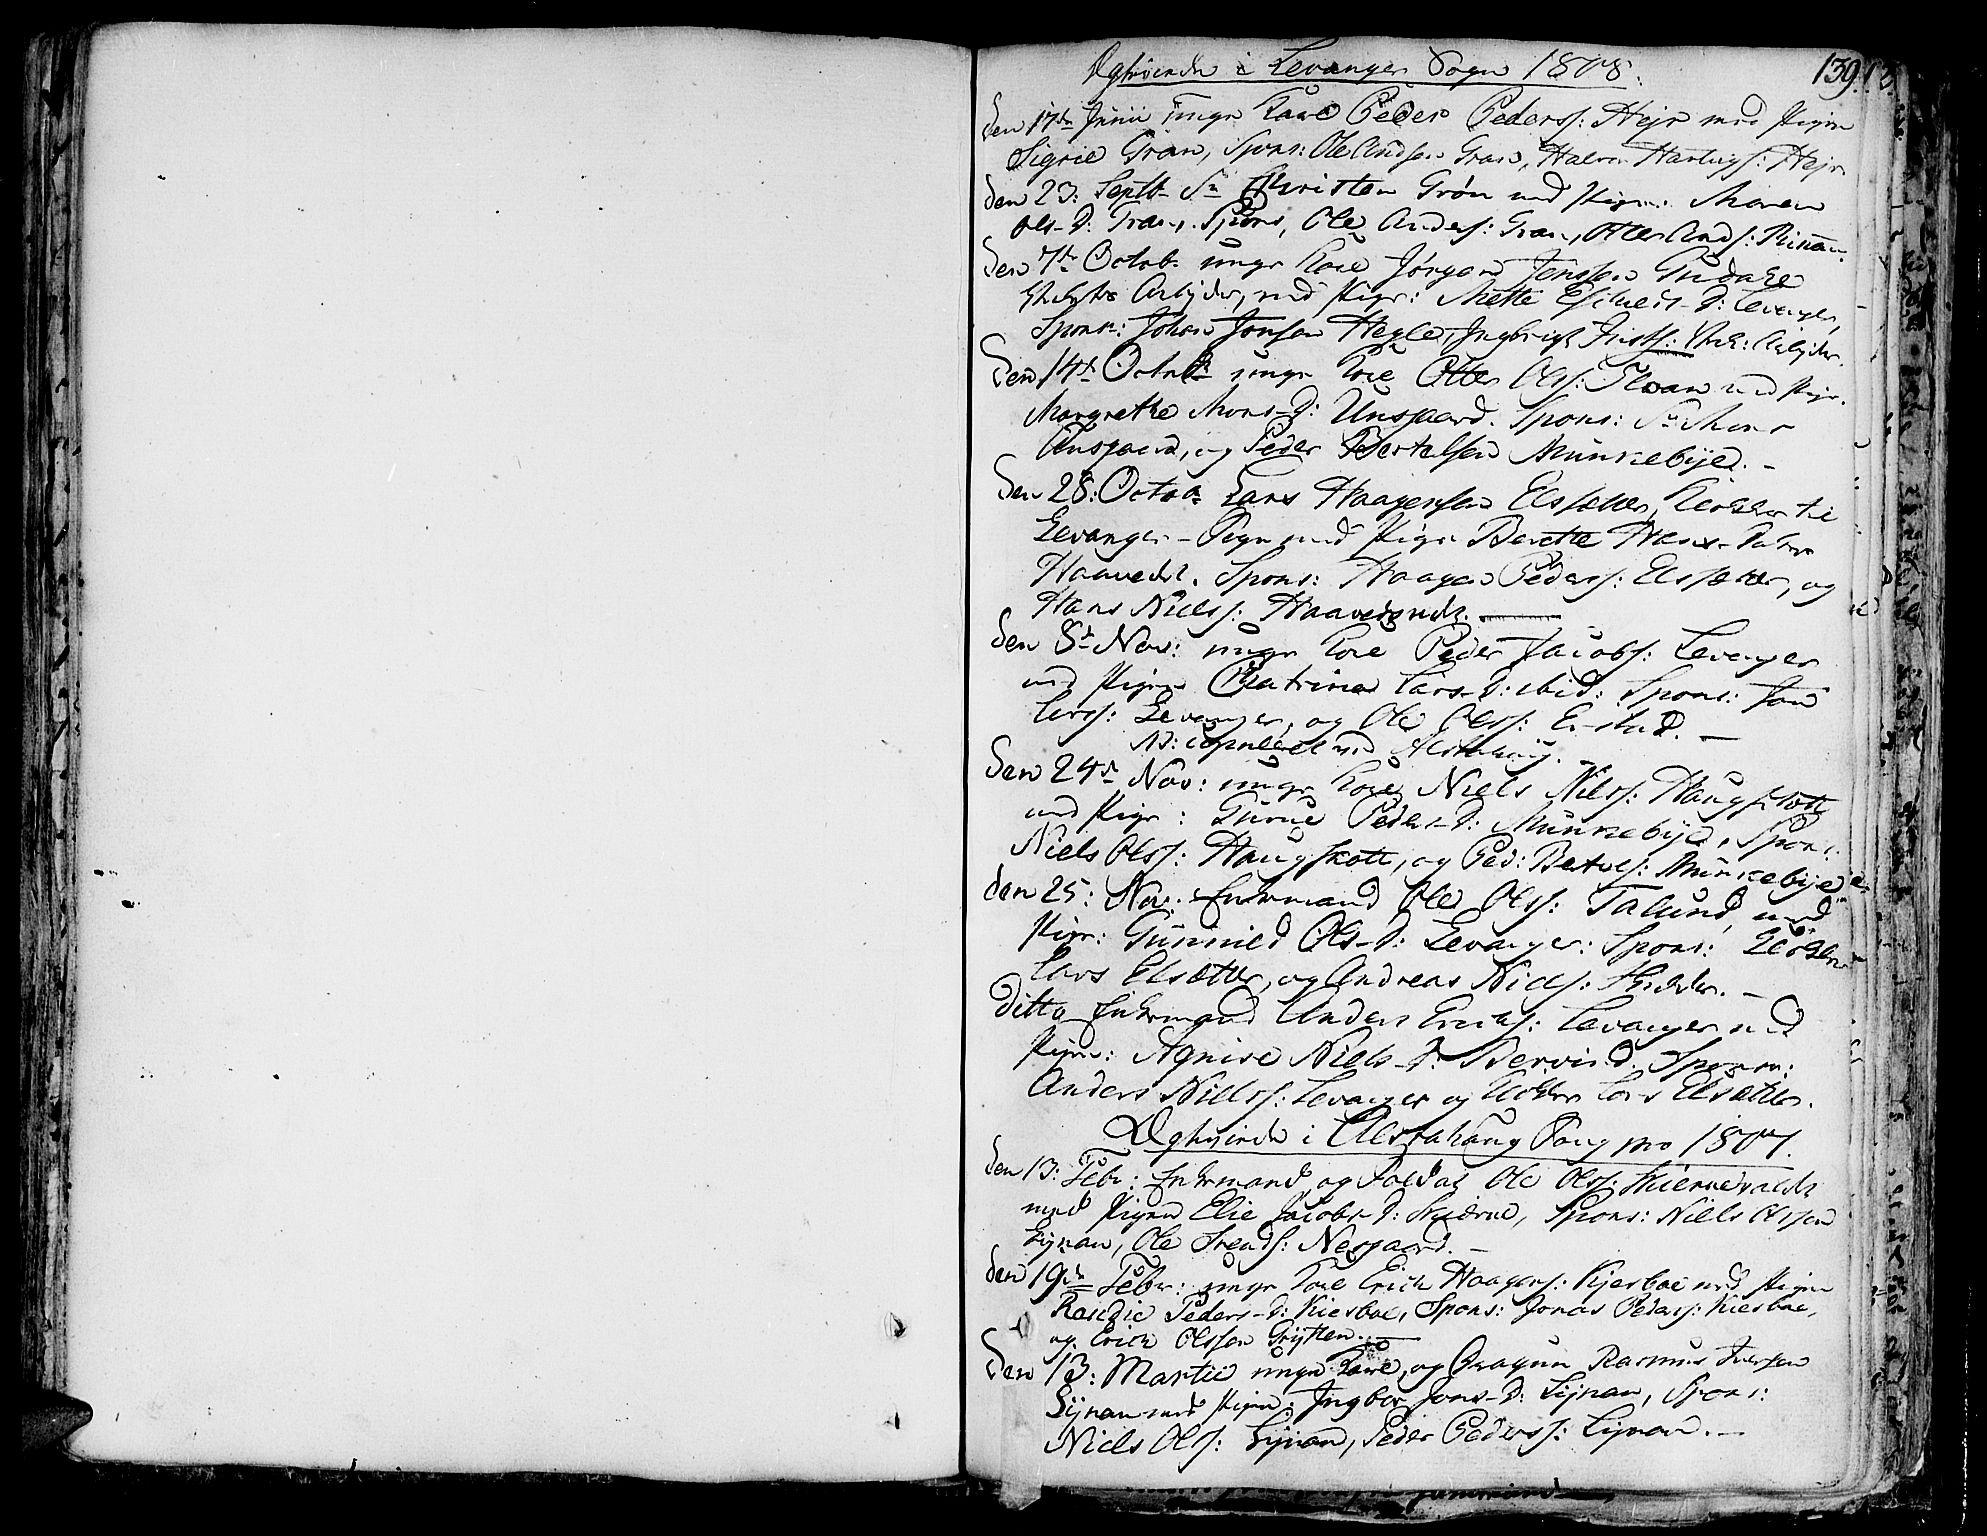 SAT, Ministerialprotokoller, klokkerbøker og fødselsregistre - Nord-Trøndelag, 717/L0142: Ministerialbok nr. 717A02 /1, 1783-1809, s. 139